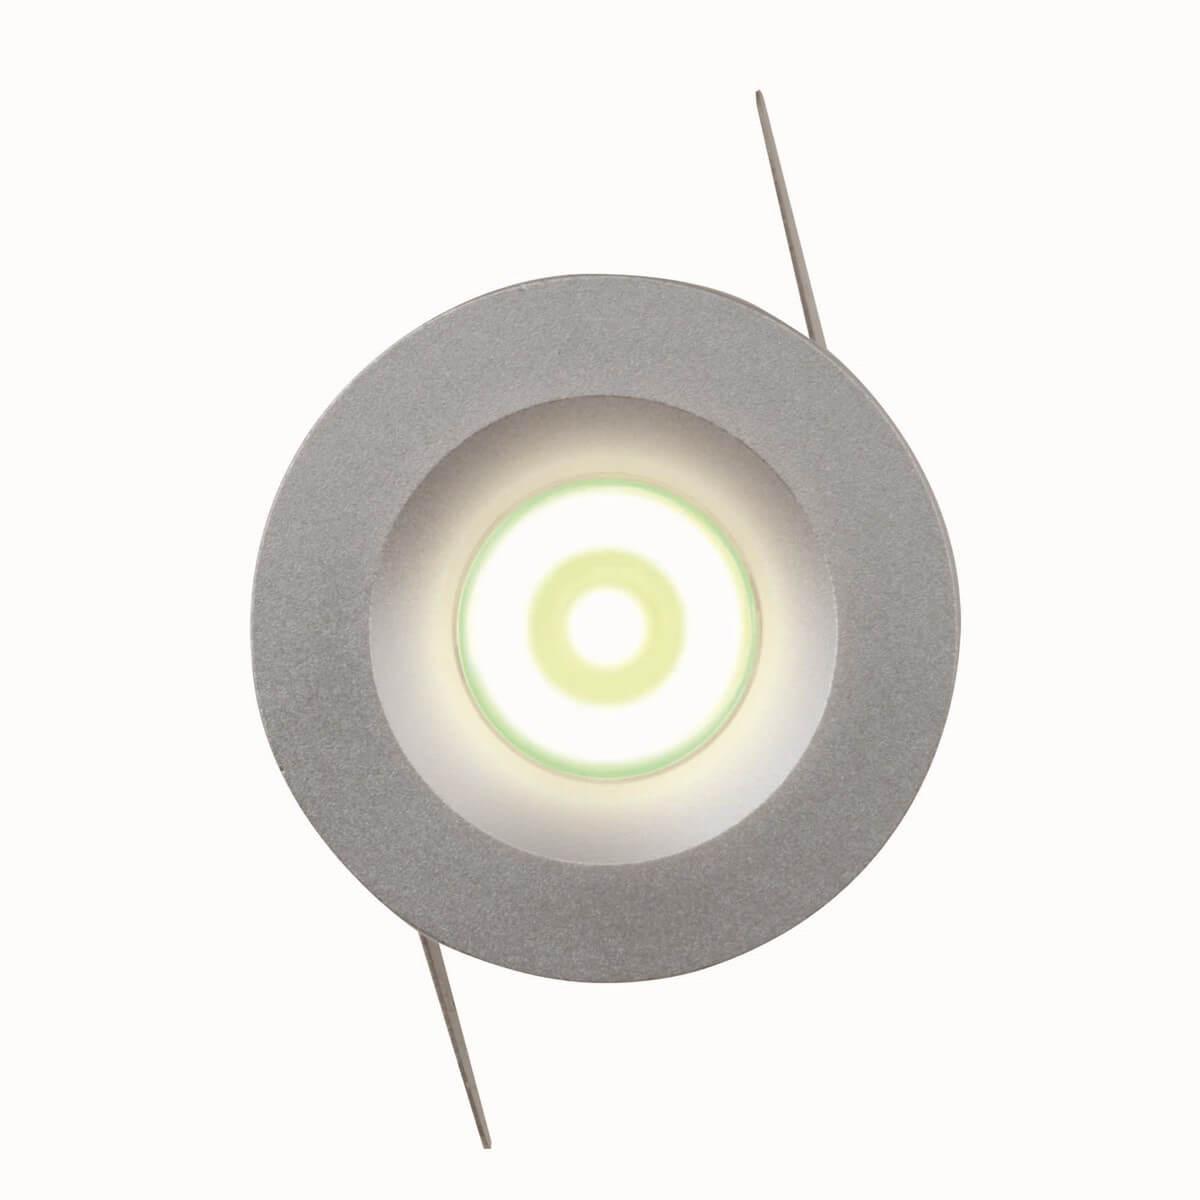 Встраиваемый светодиодный светильник (07624) Uniel ULM-R02-1W/NW IP20 SAND Silver koy r02 jk71